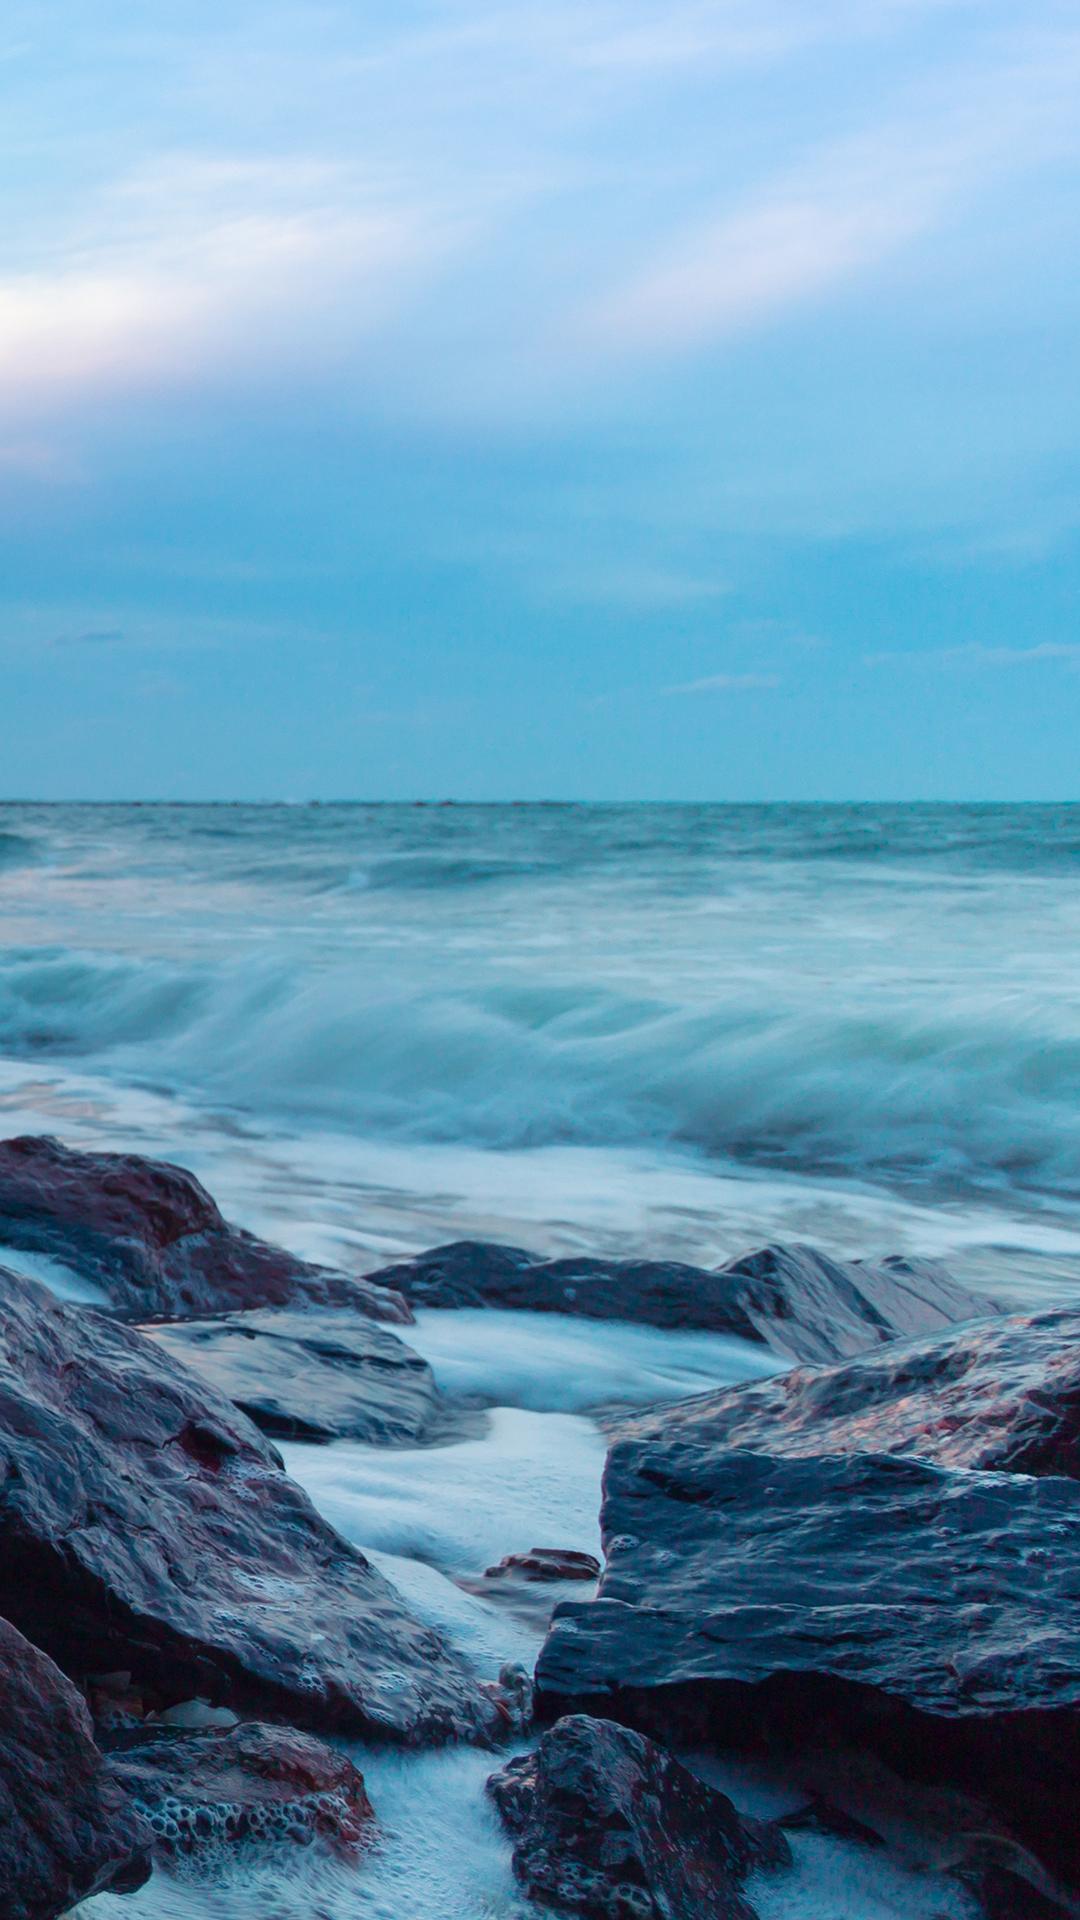 沙滩 海滨 海水 沿岸 海边 壮观 大海 海浪